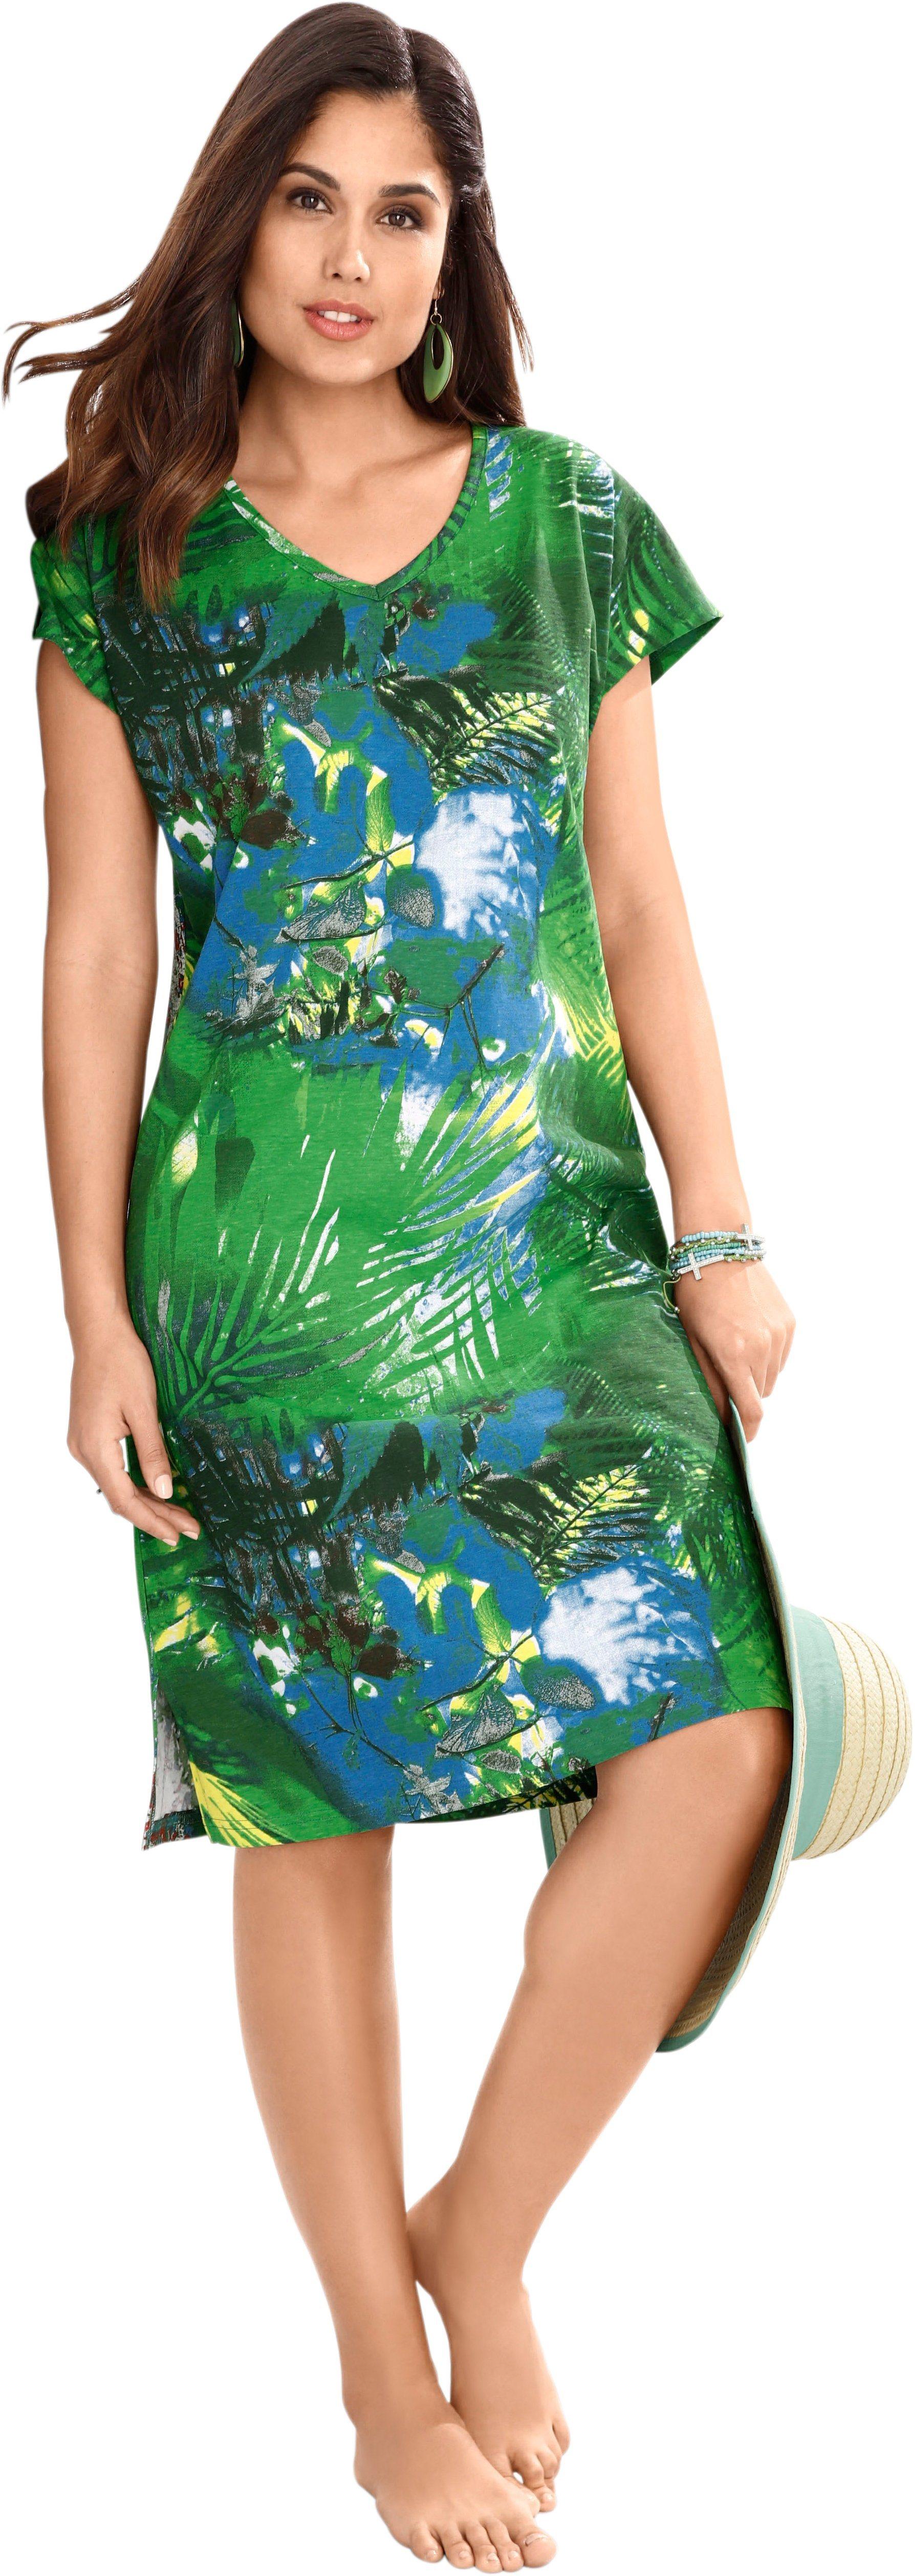 Damen wäschepur Strandkleid mit exotischem Dschungel-Print grün   08903340923393